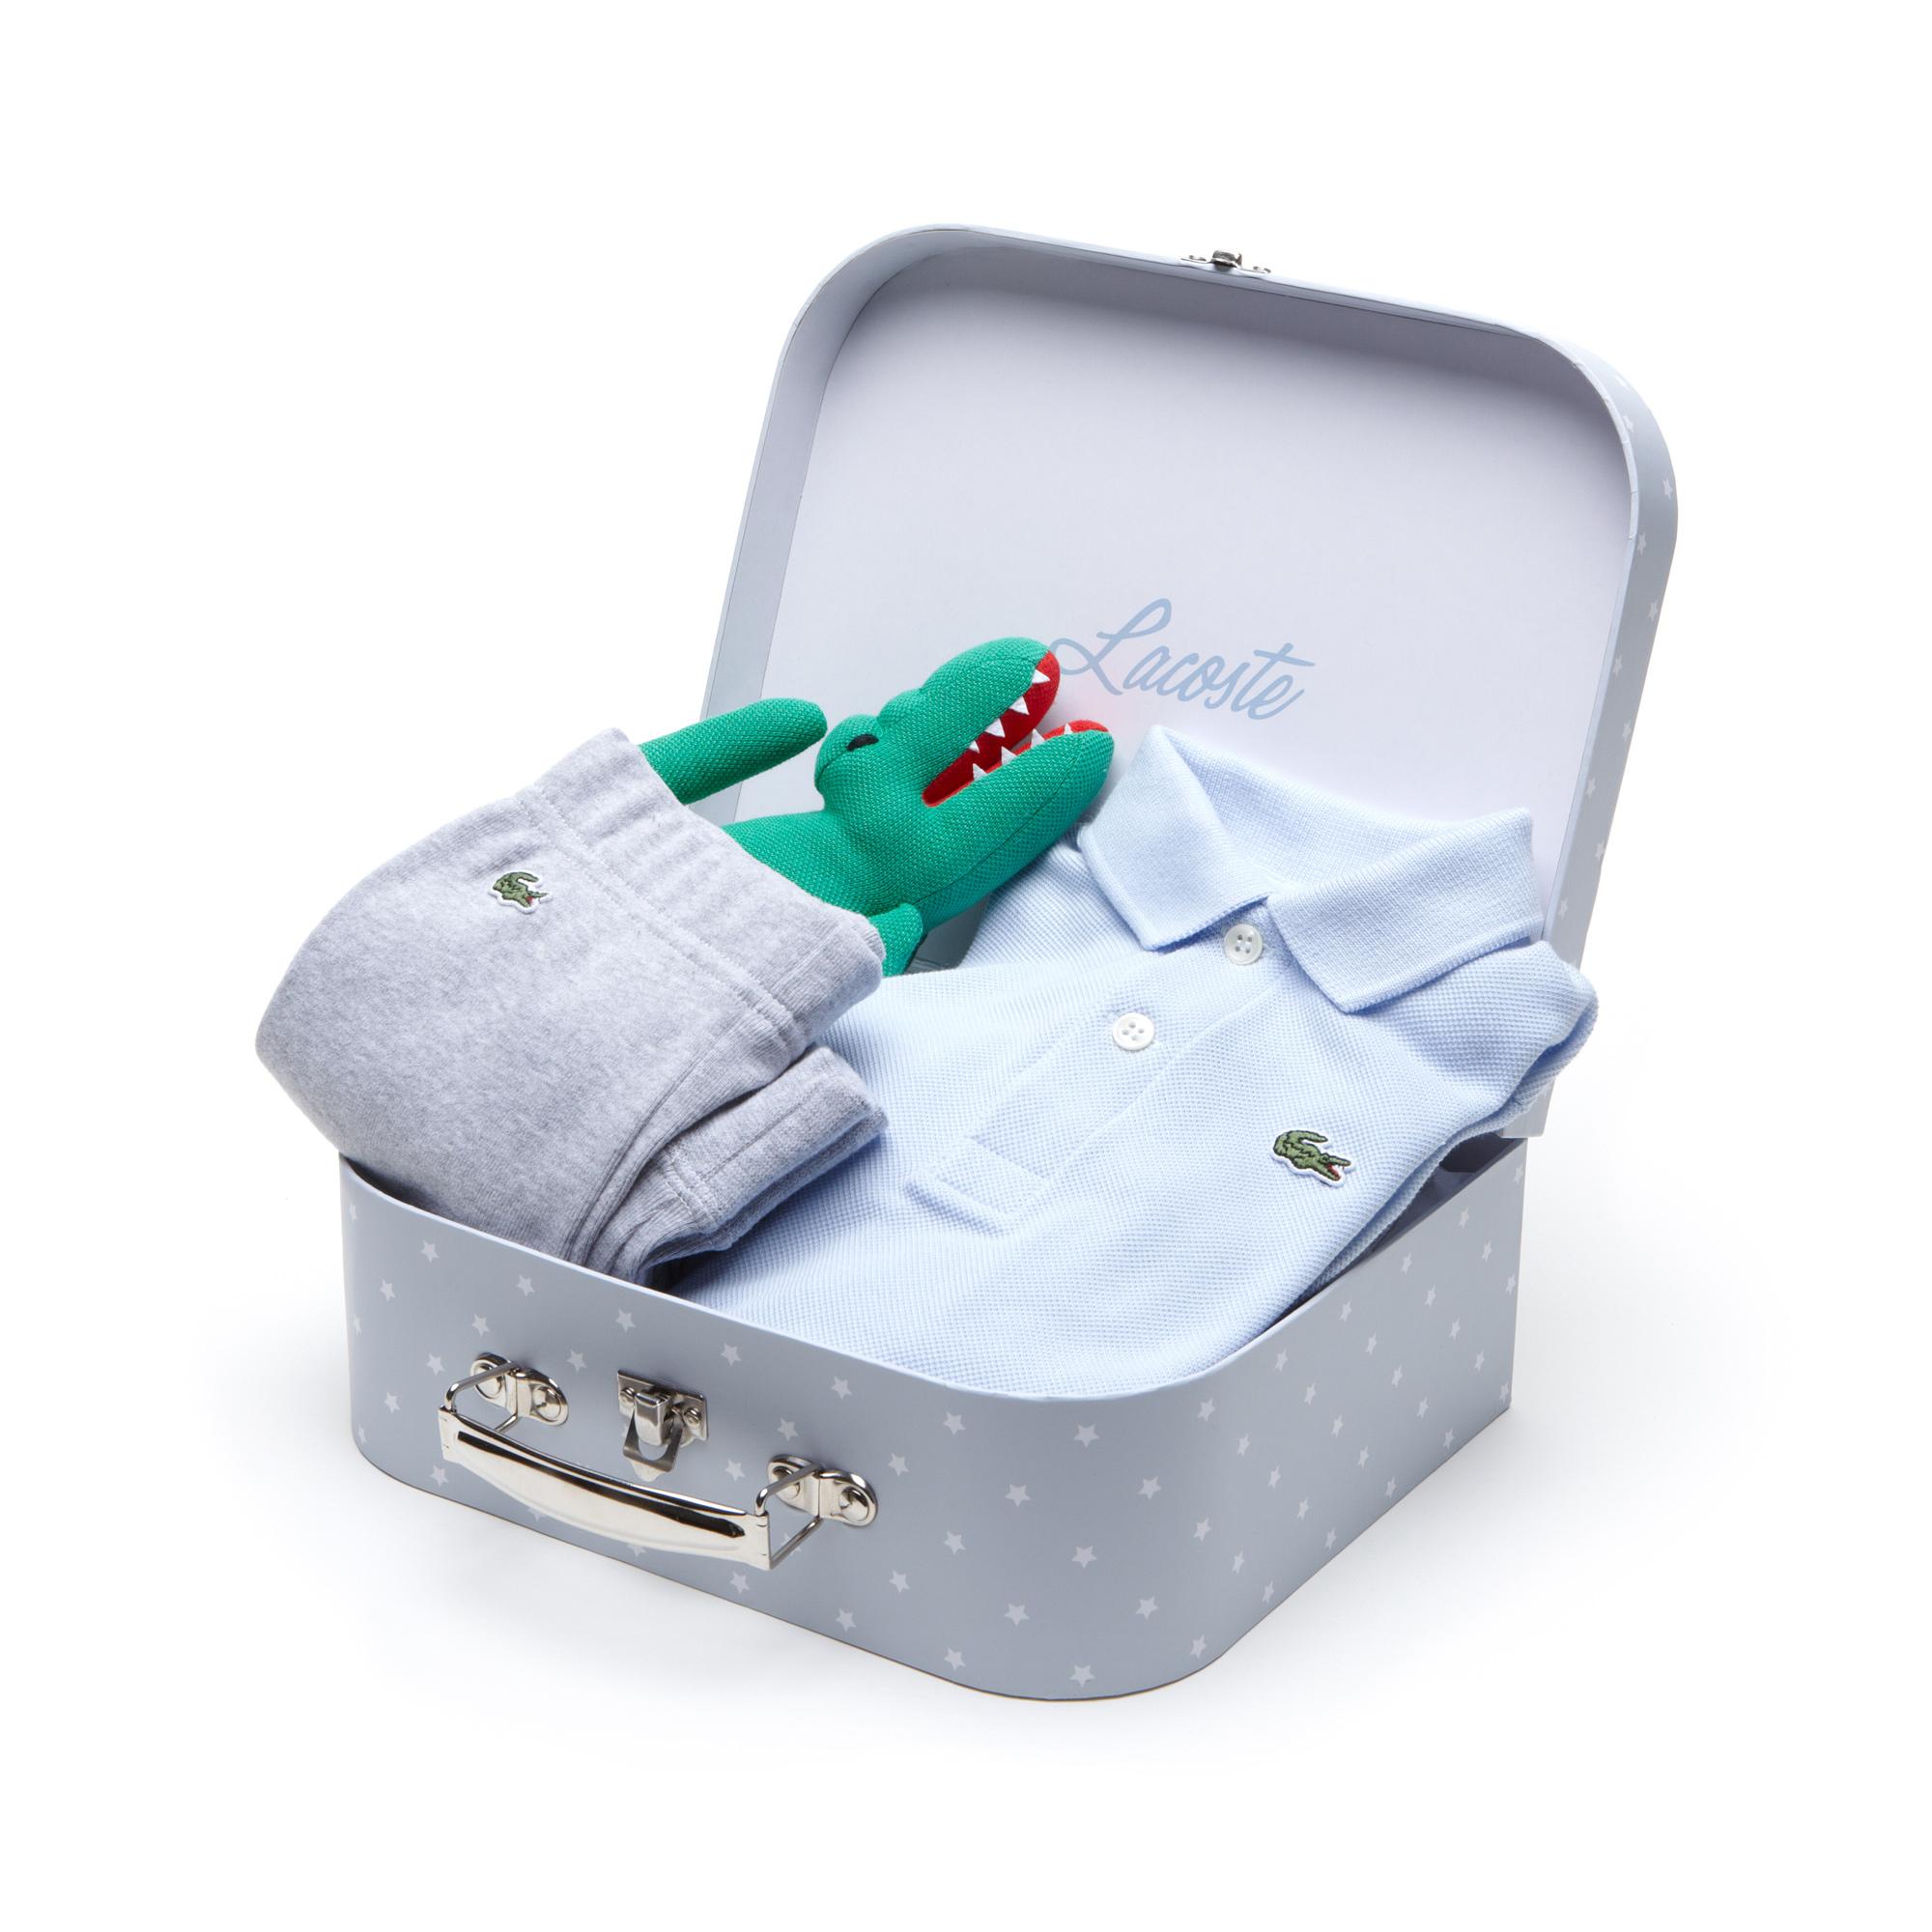 Lacoste Kids: la prima valigetta di bebé